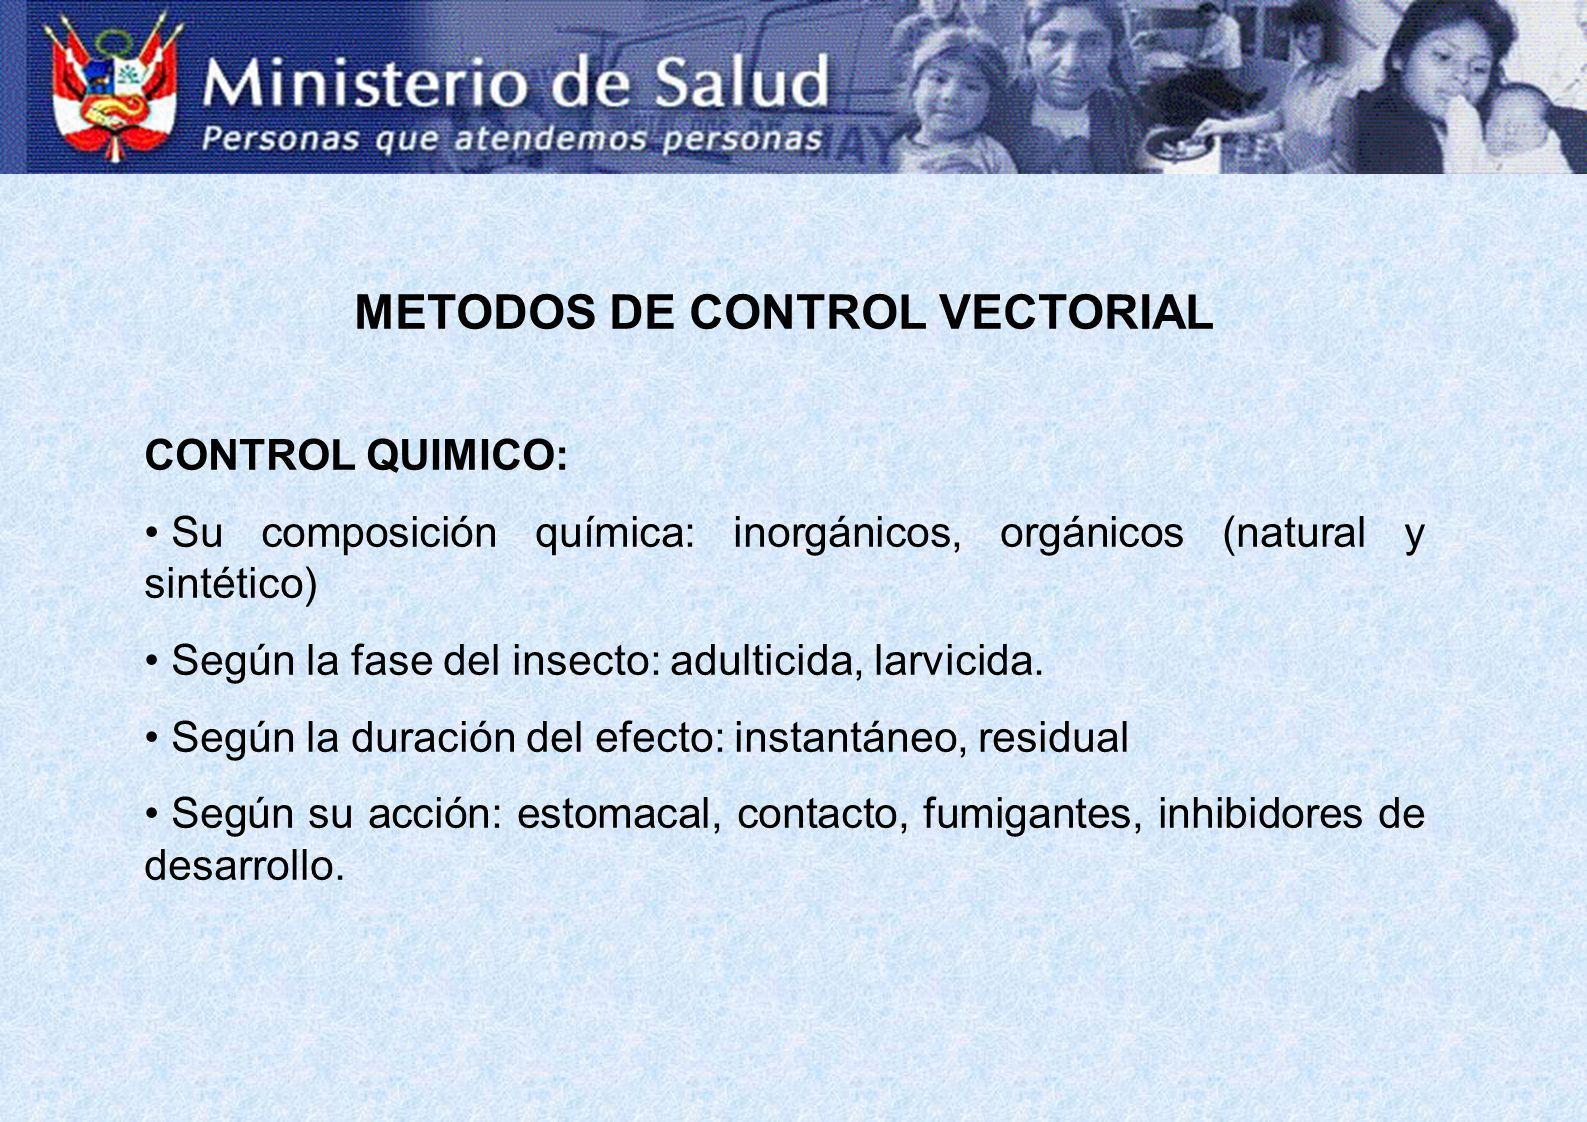 METODOS DE CONTROL VECTORIAL CONTROL QUIMICO: Su composición química: inorgánicos, orgánicos (natural y sintético) Según la fase del insecto: adulticida, larvicida.